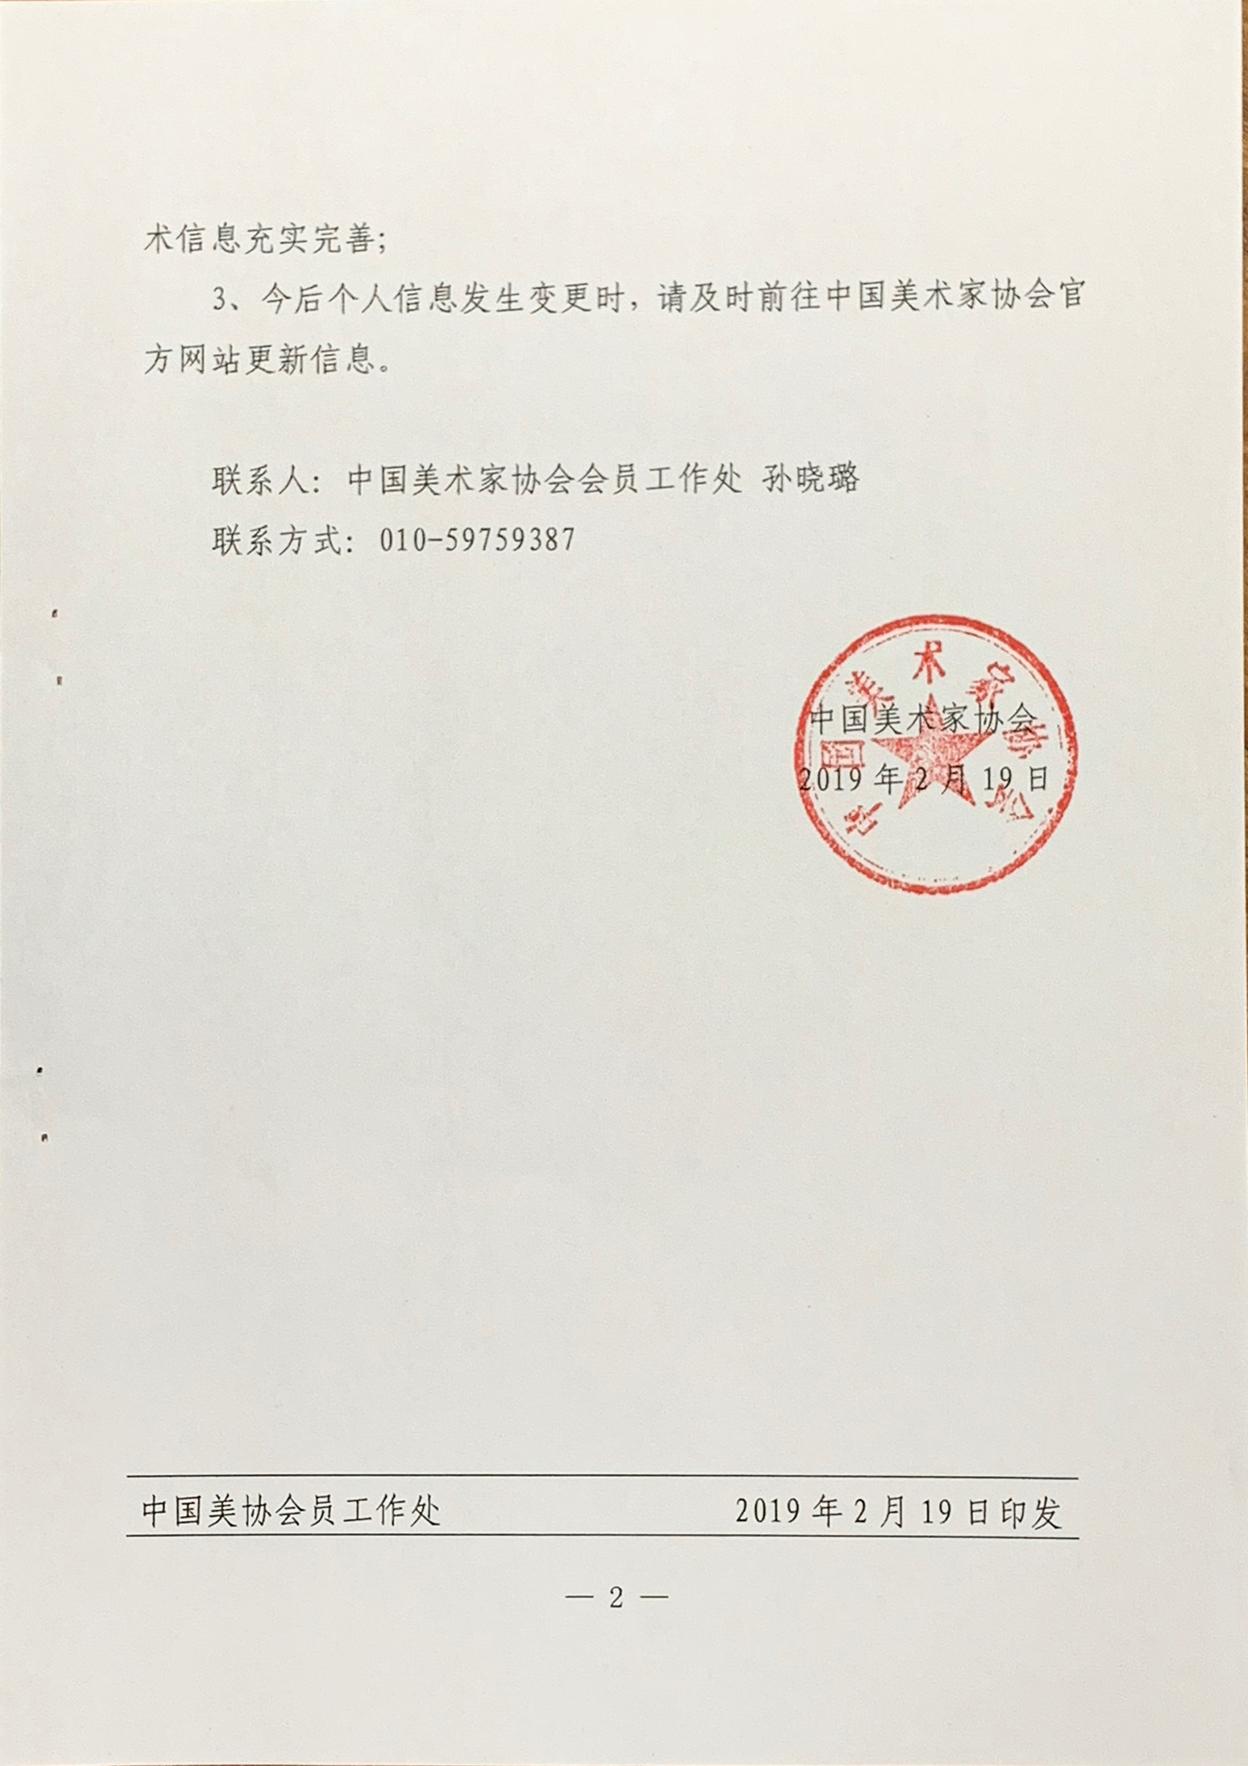 关于中国美术家协会会员完善个人会员资料的通知